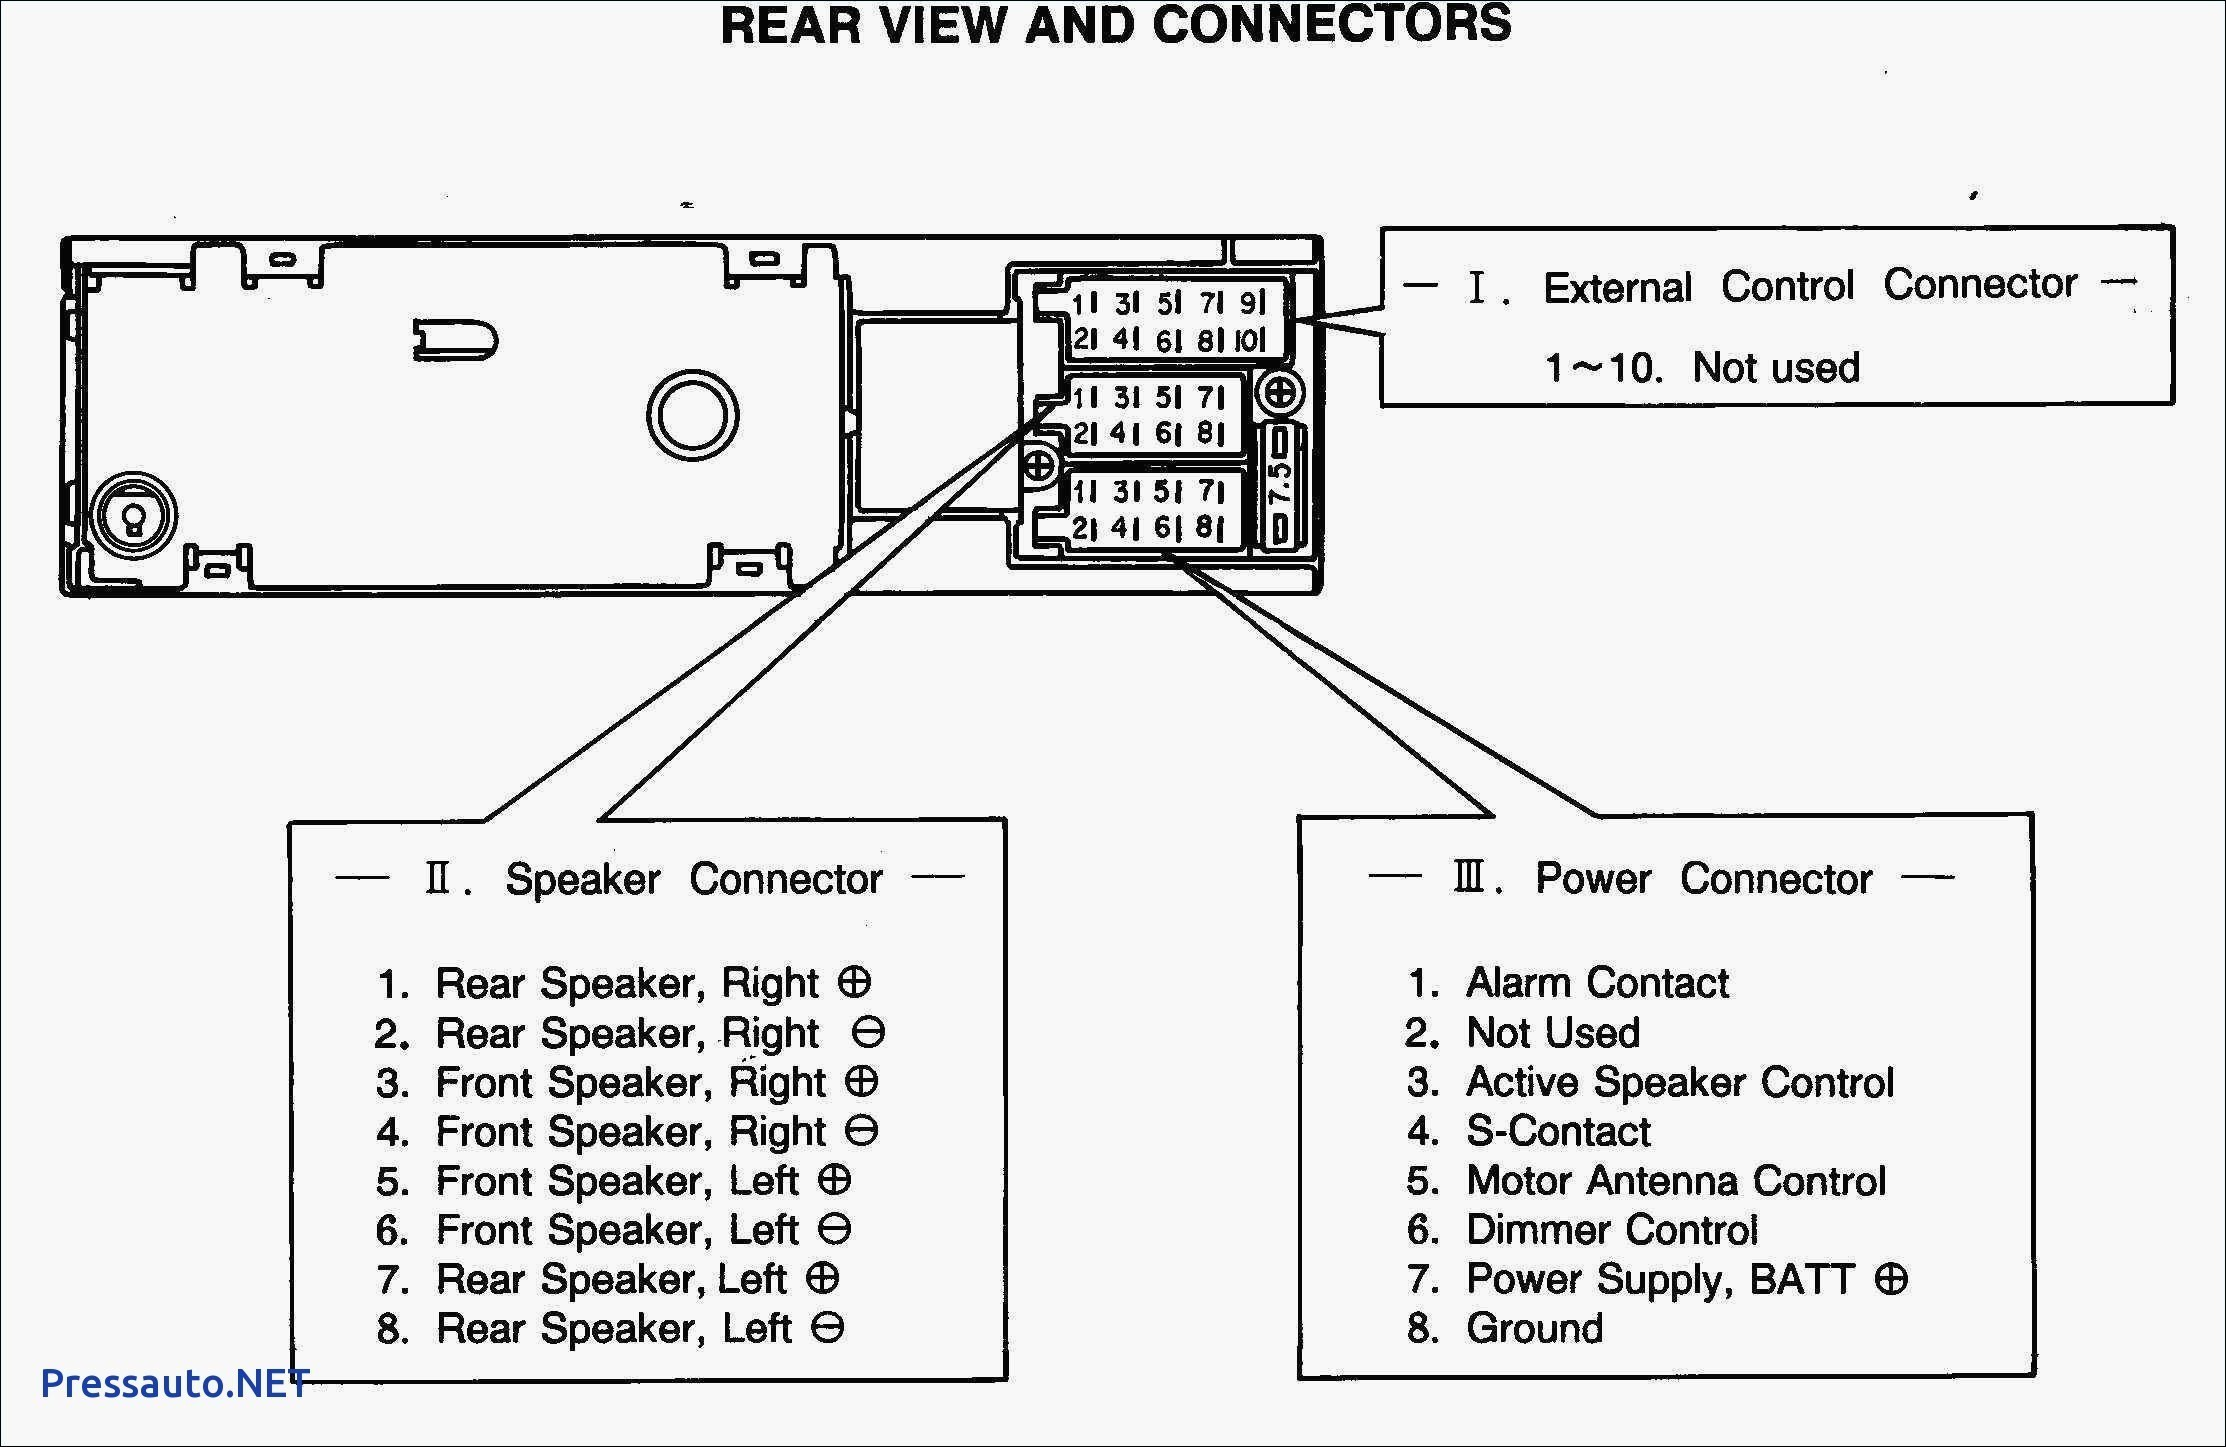 2006 Audi A4 Wiring Diagram Wiring Diagram Last Corsa D Last Corsa D Pasticceriagele It